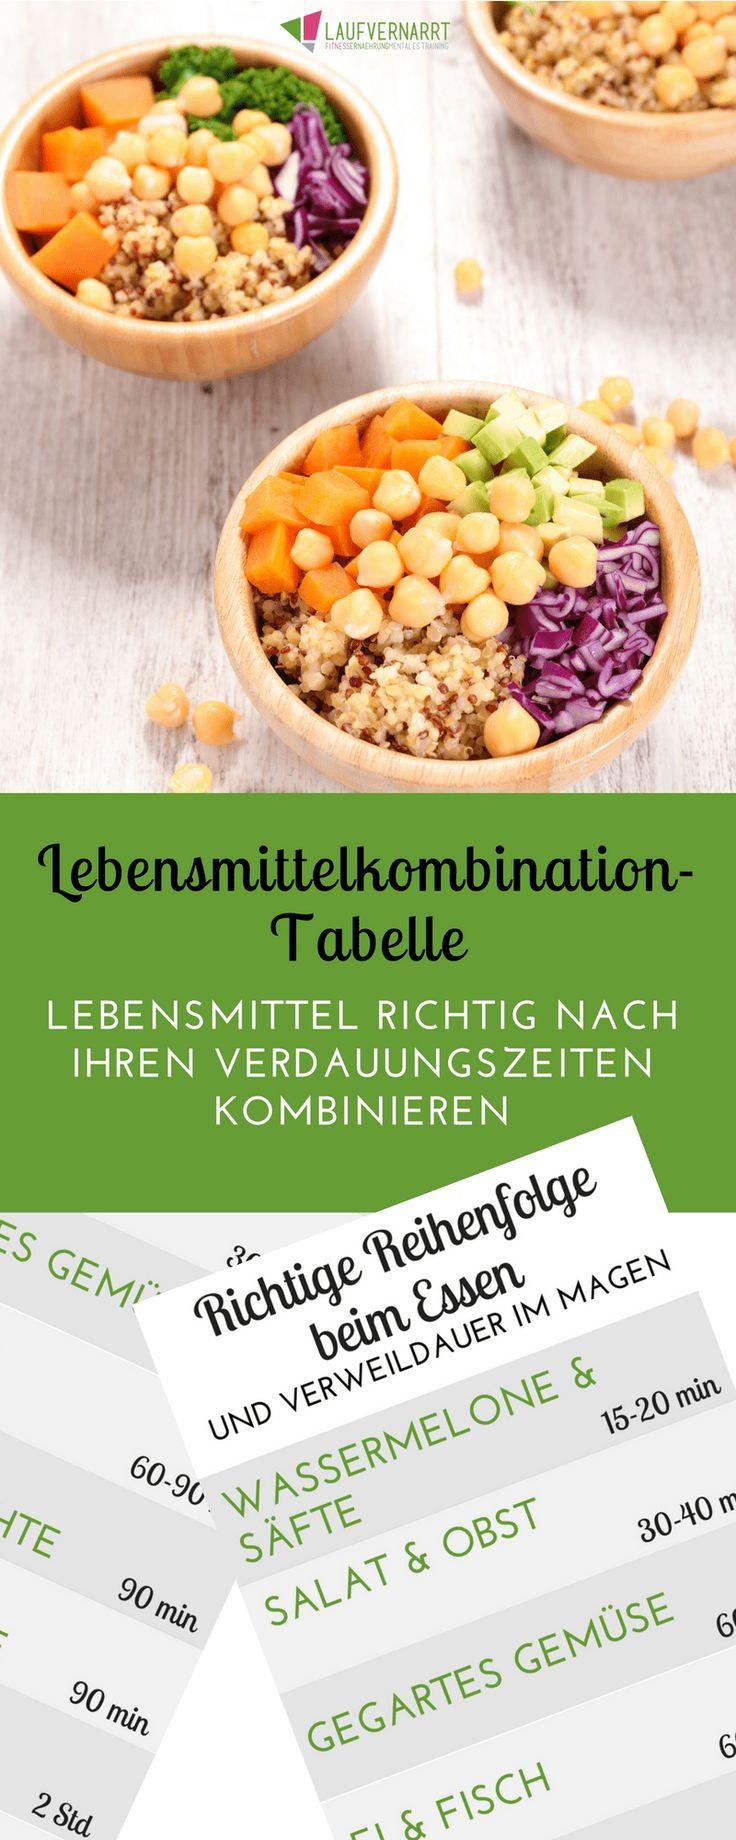 Lebensmittelkombinationstabelle – Lebensmittel richtig nach ihren Verdauungszeiten kombinieren – Laufvernarrt – Fitness, gesunde Ernährung und Selbstliebe